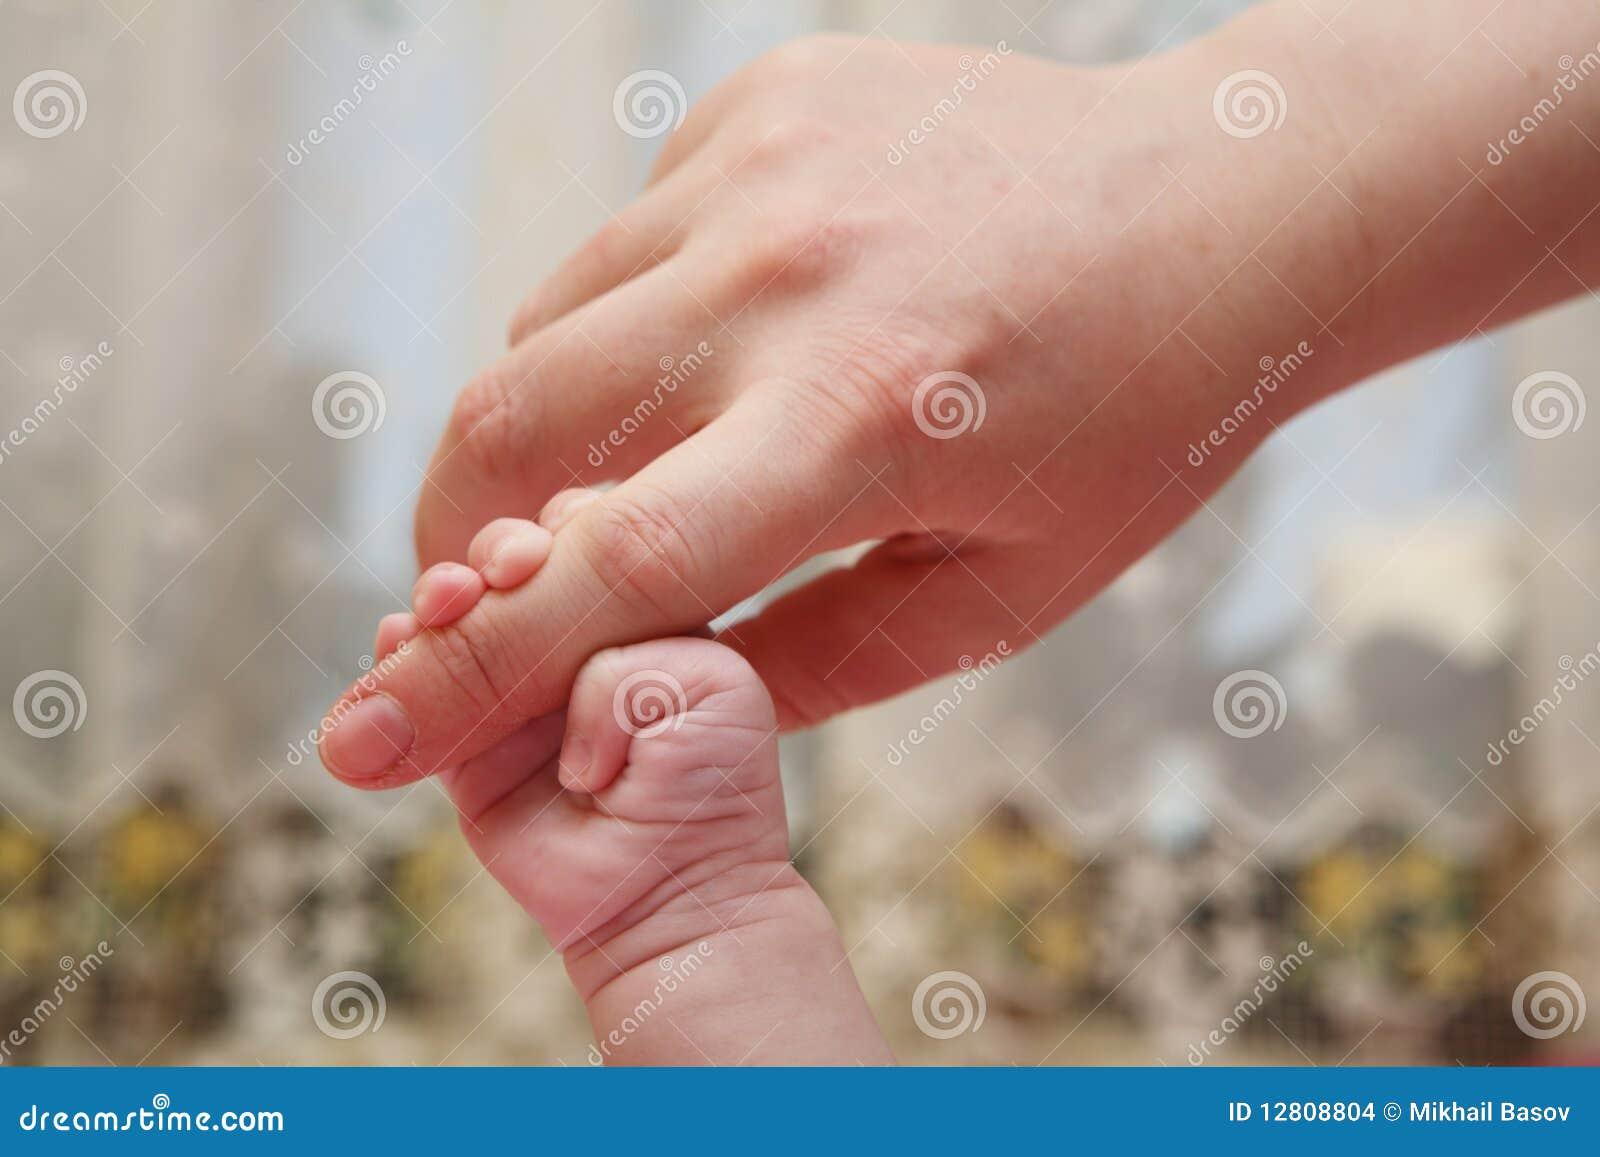 Mão recém-nascida